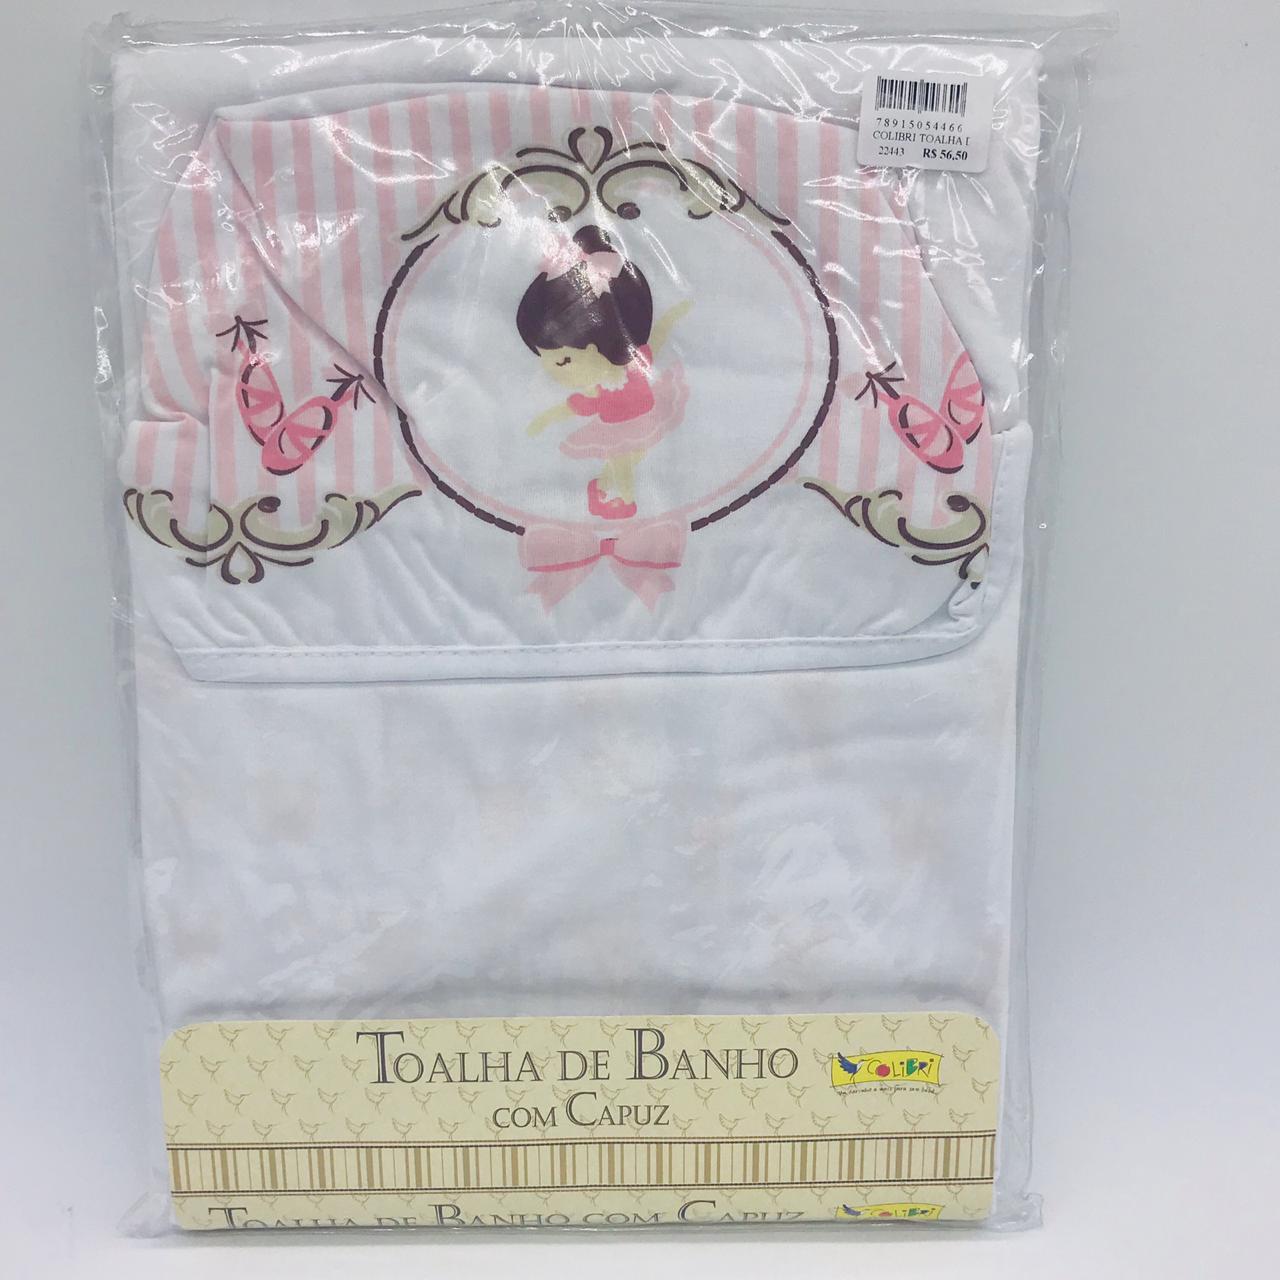 Toalha de Banho Com Fralda Capuz Estampado Bailarina Rosa - Colibri Ref 1130860846304